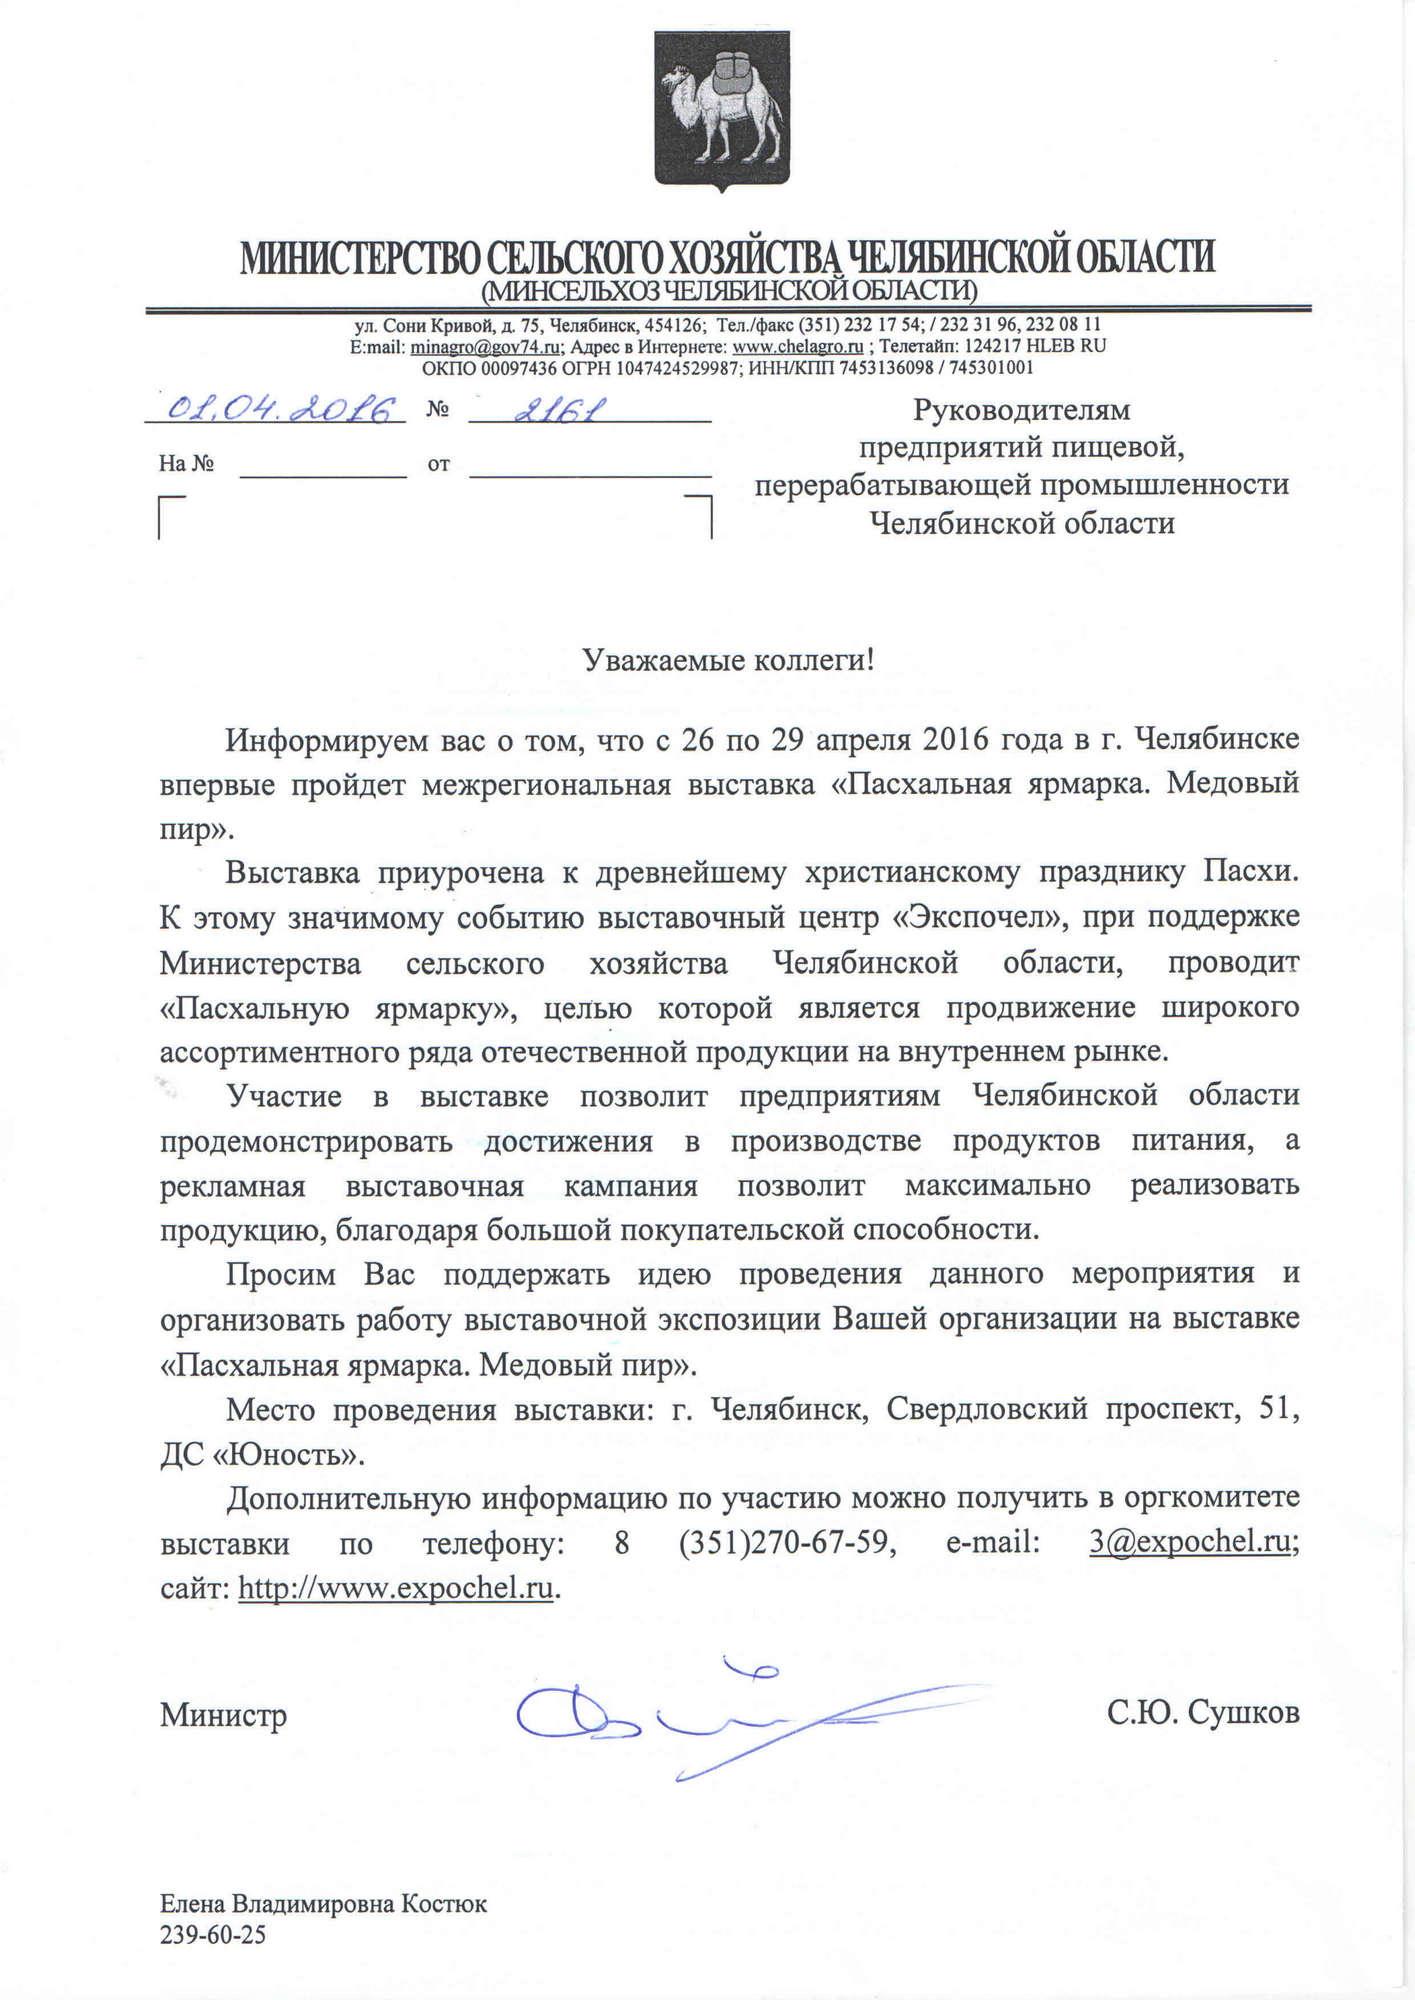 Письмо от Министерства